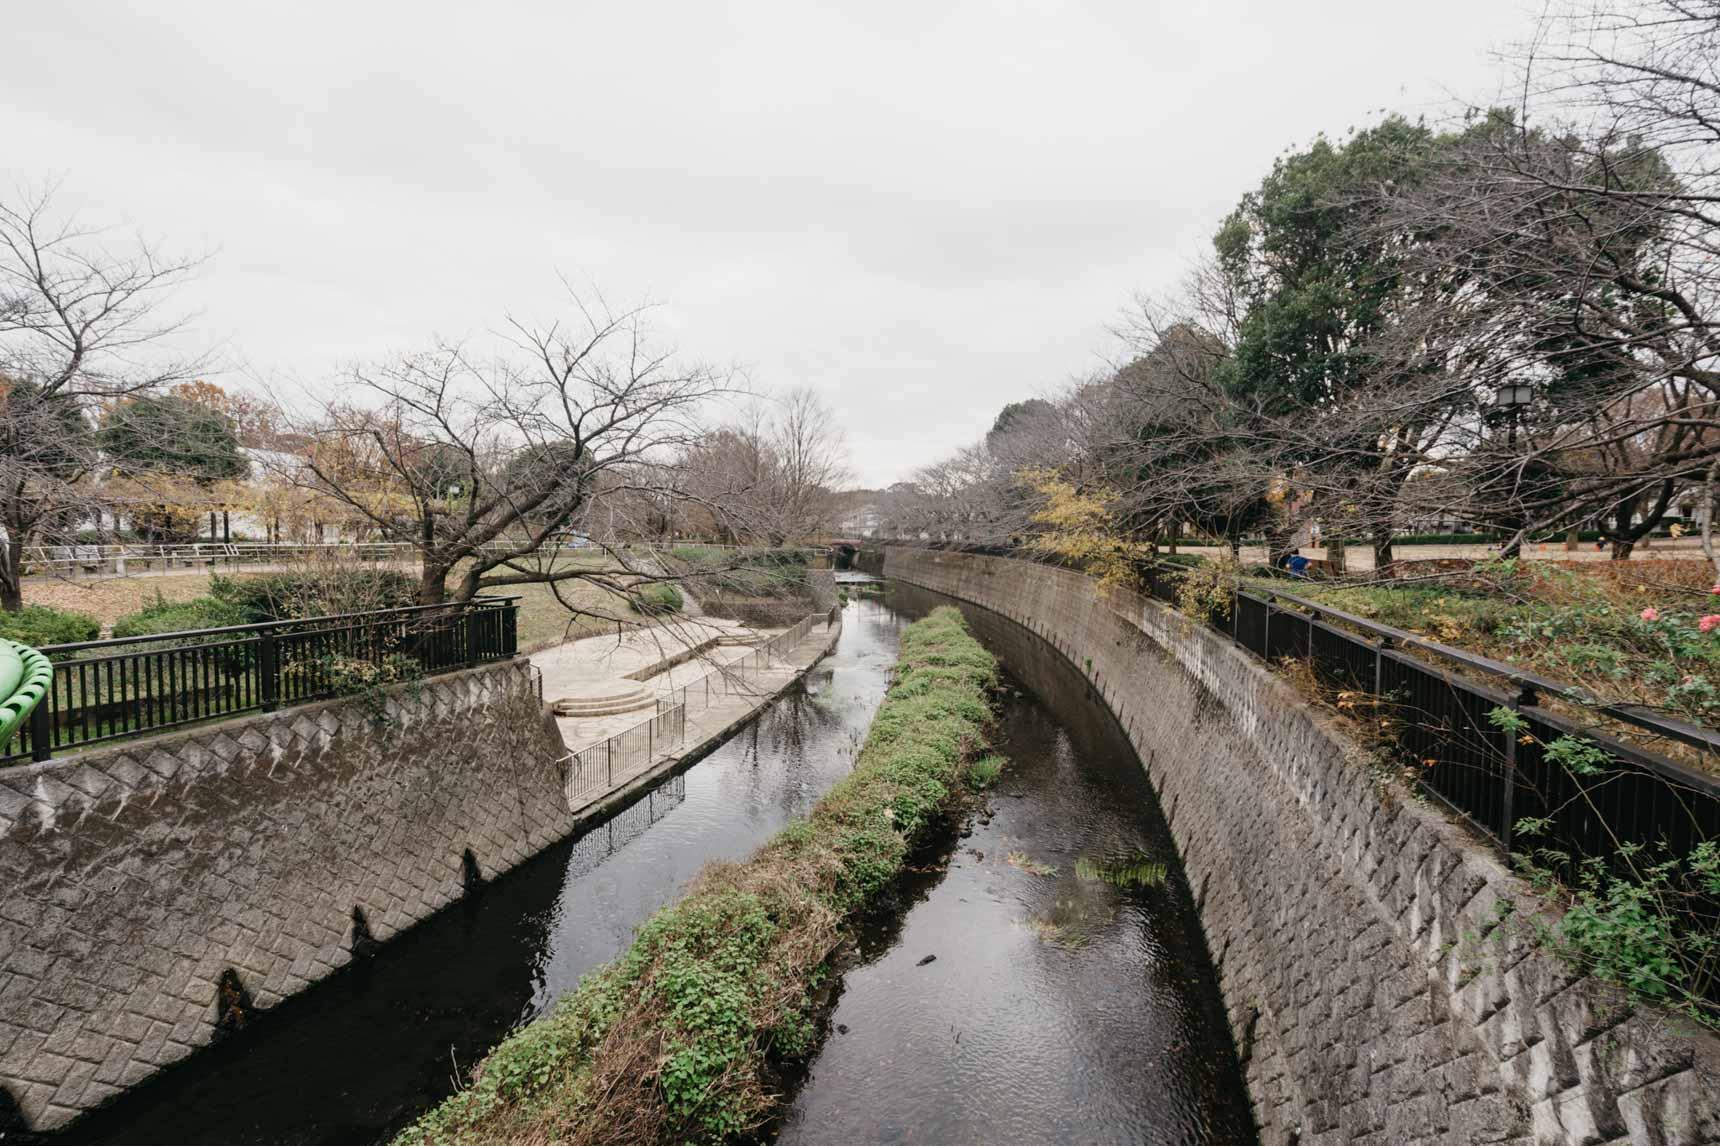 公園内には仙川が流れていて、両側には桜の木が。お花見の名所としても知られています。